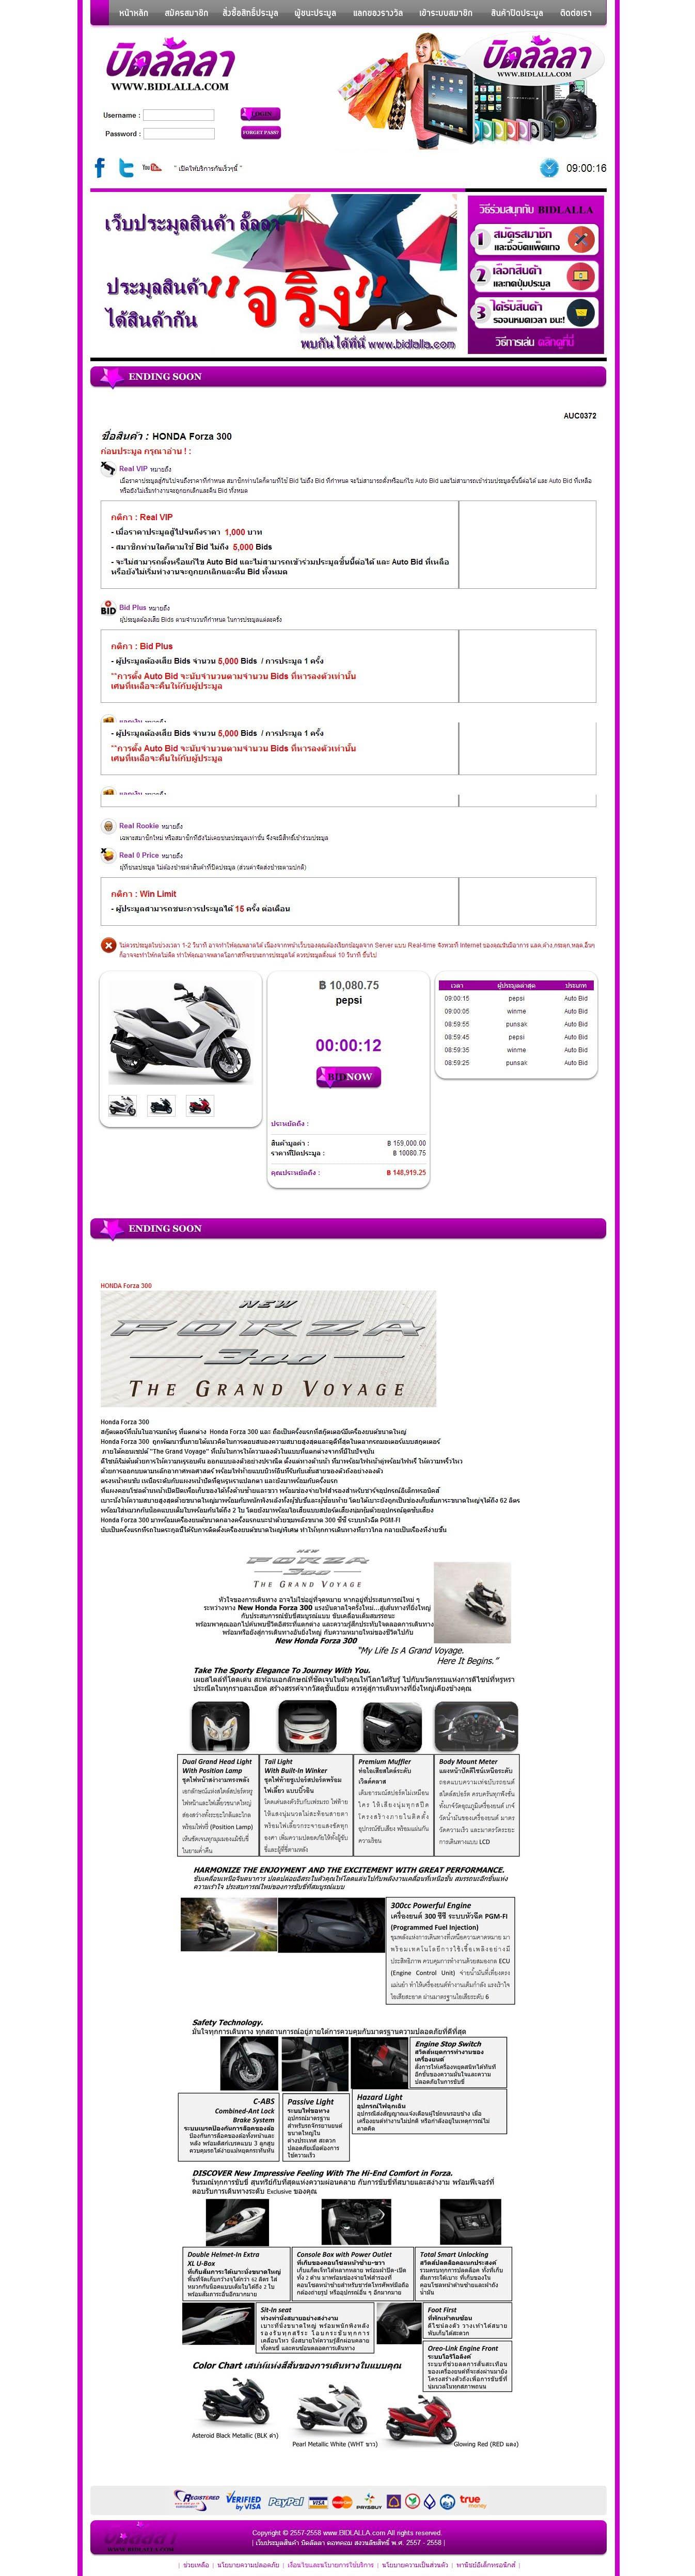 ภาพที่ 2 รับทำเว็บไซต์ประมูลสินค้า 25satang